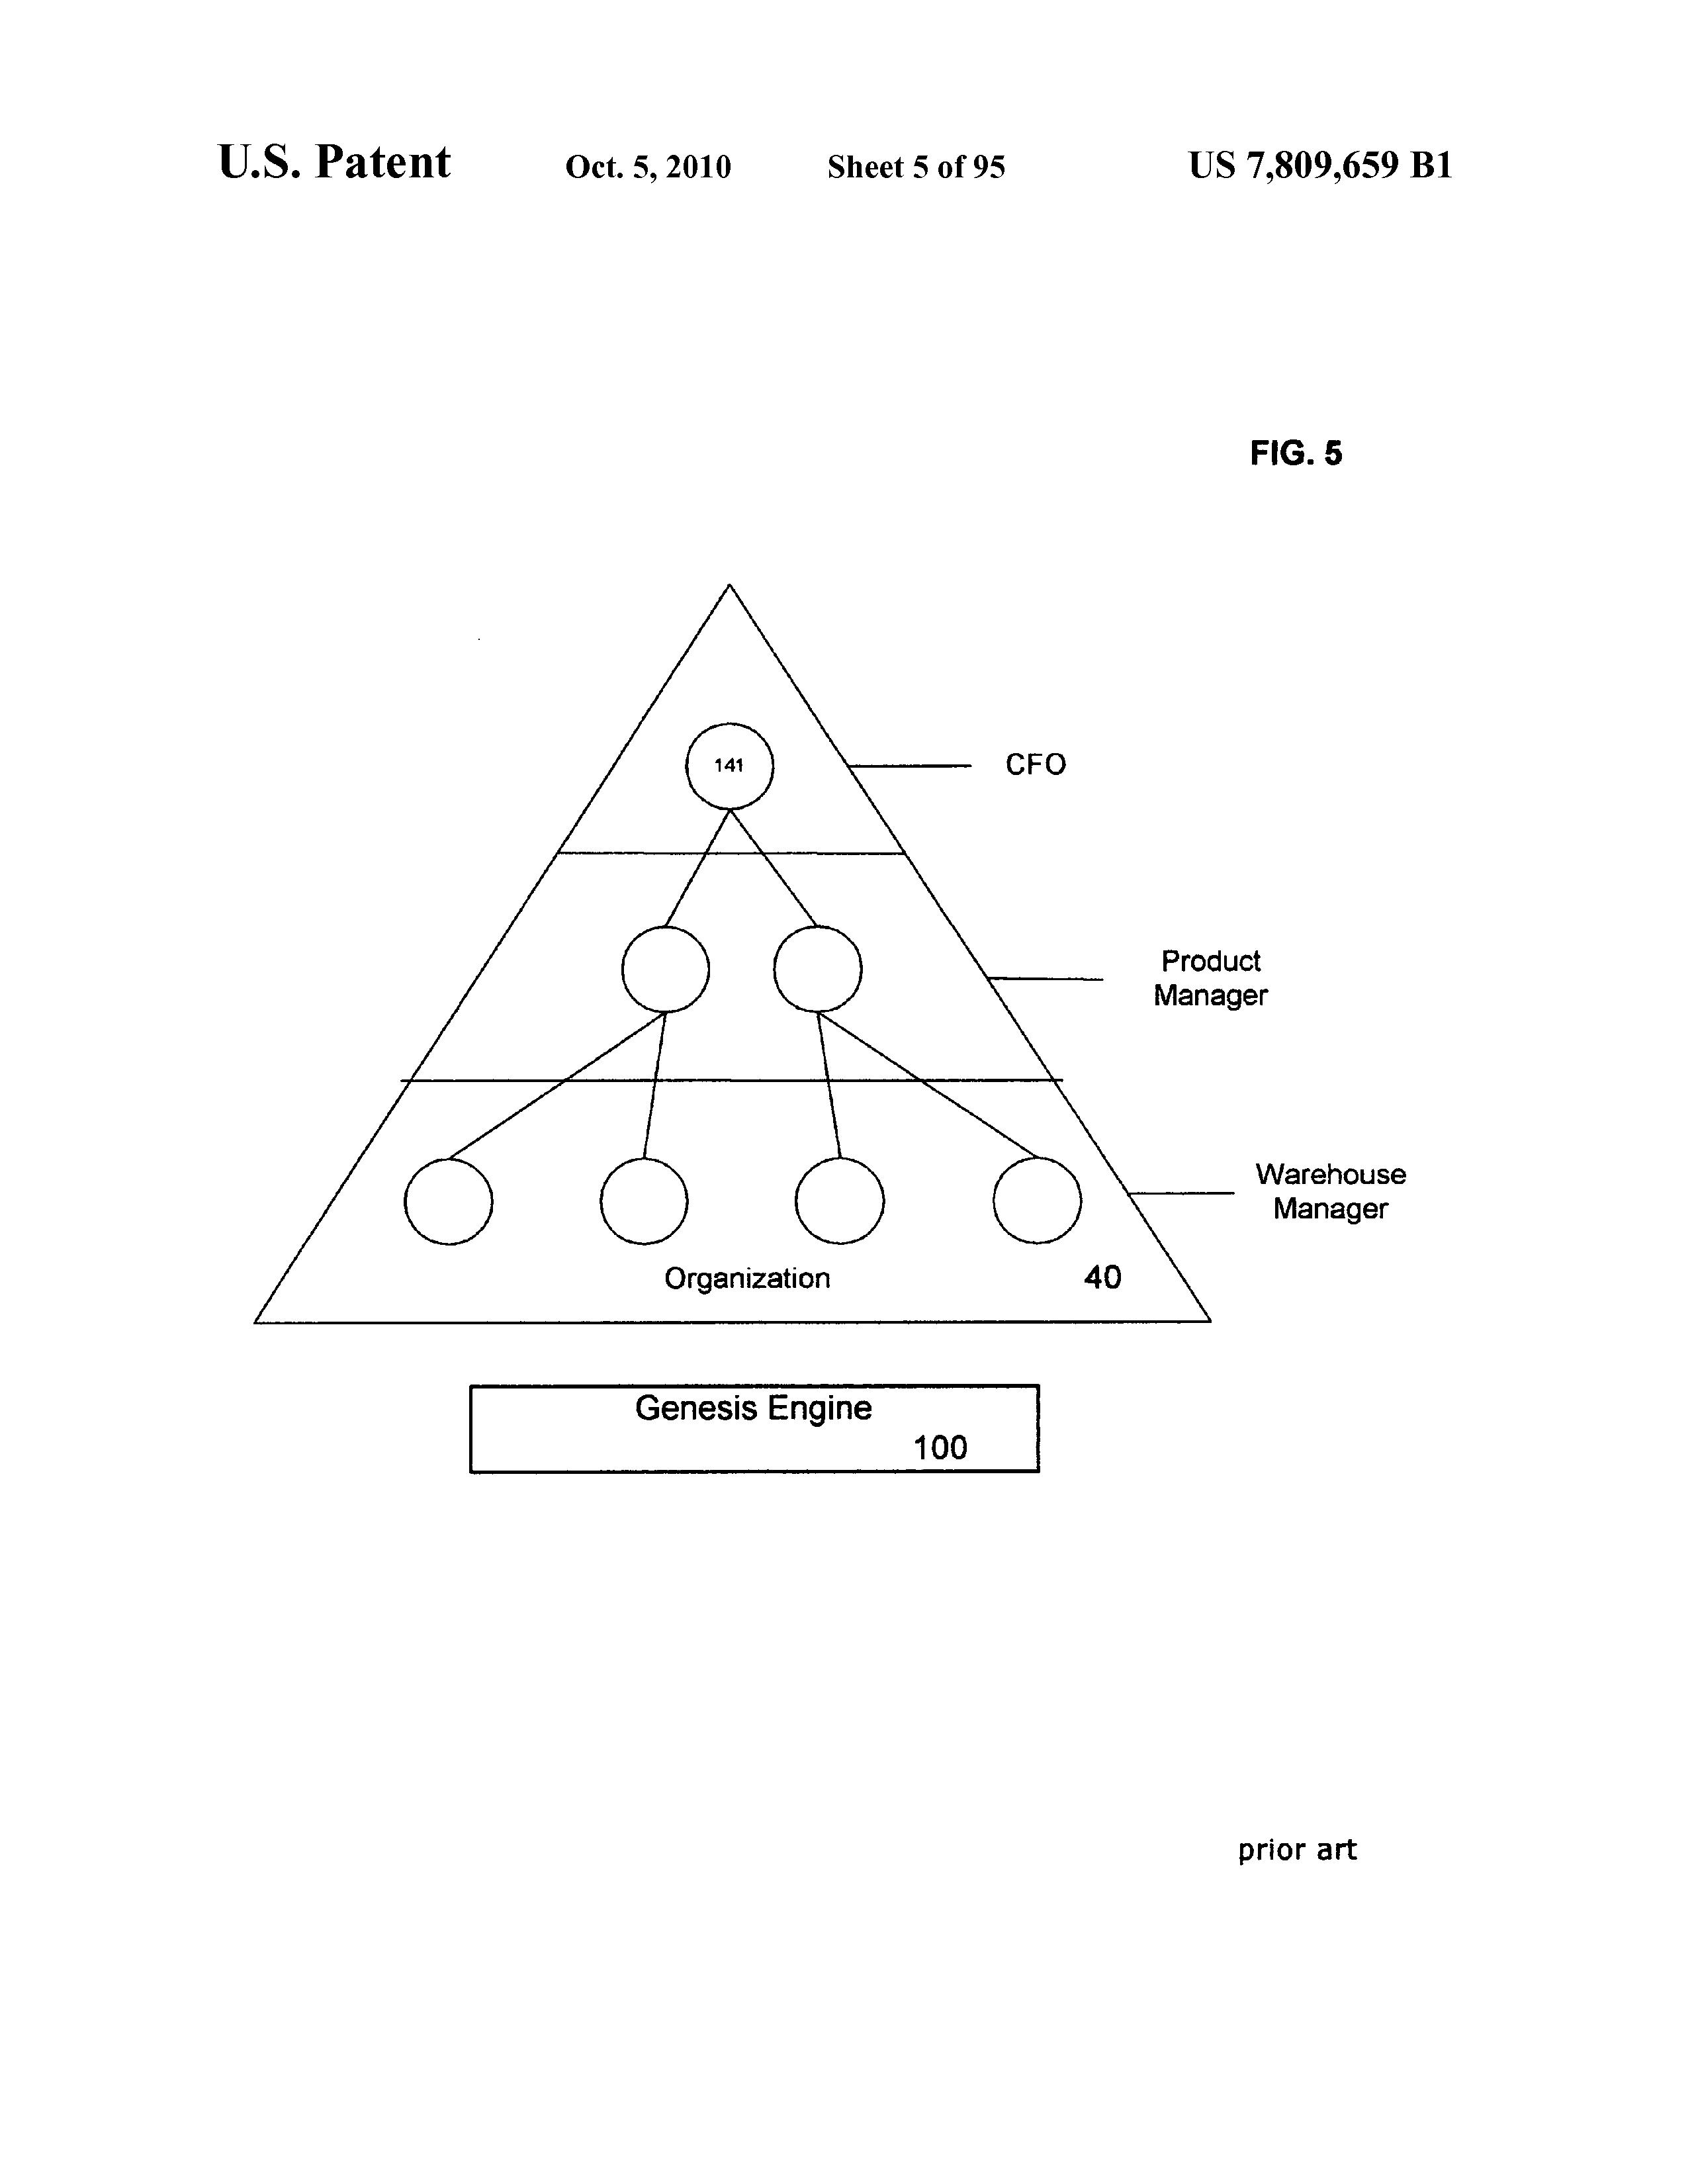 Us 7809659 B1 Method For Presenting Optimal Internet Keyword Based Genesis Engine Diagram Page 6 133